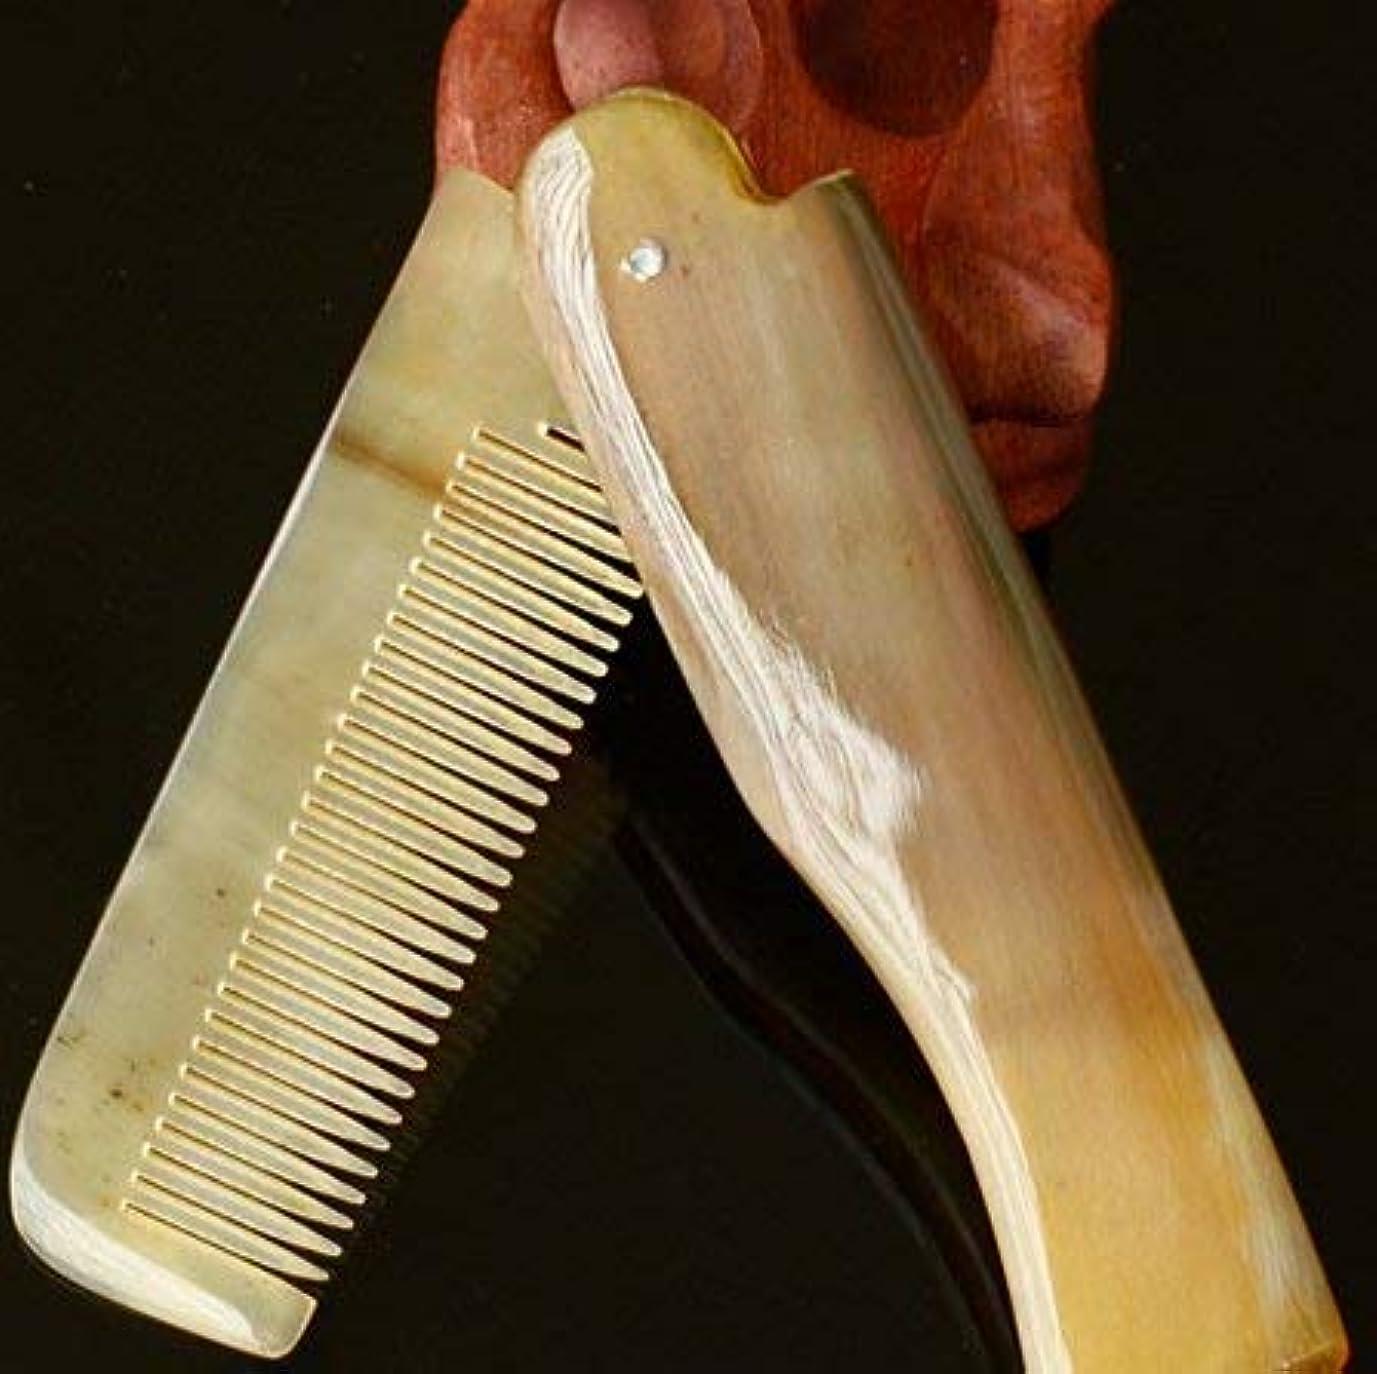 レパートリー優勢ベギン100% natural foldable hair comb Horn Comb beard comb [並行輸入品]